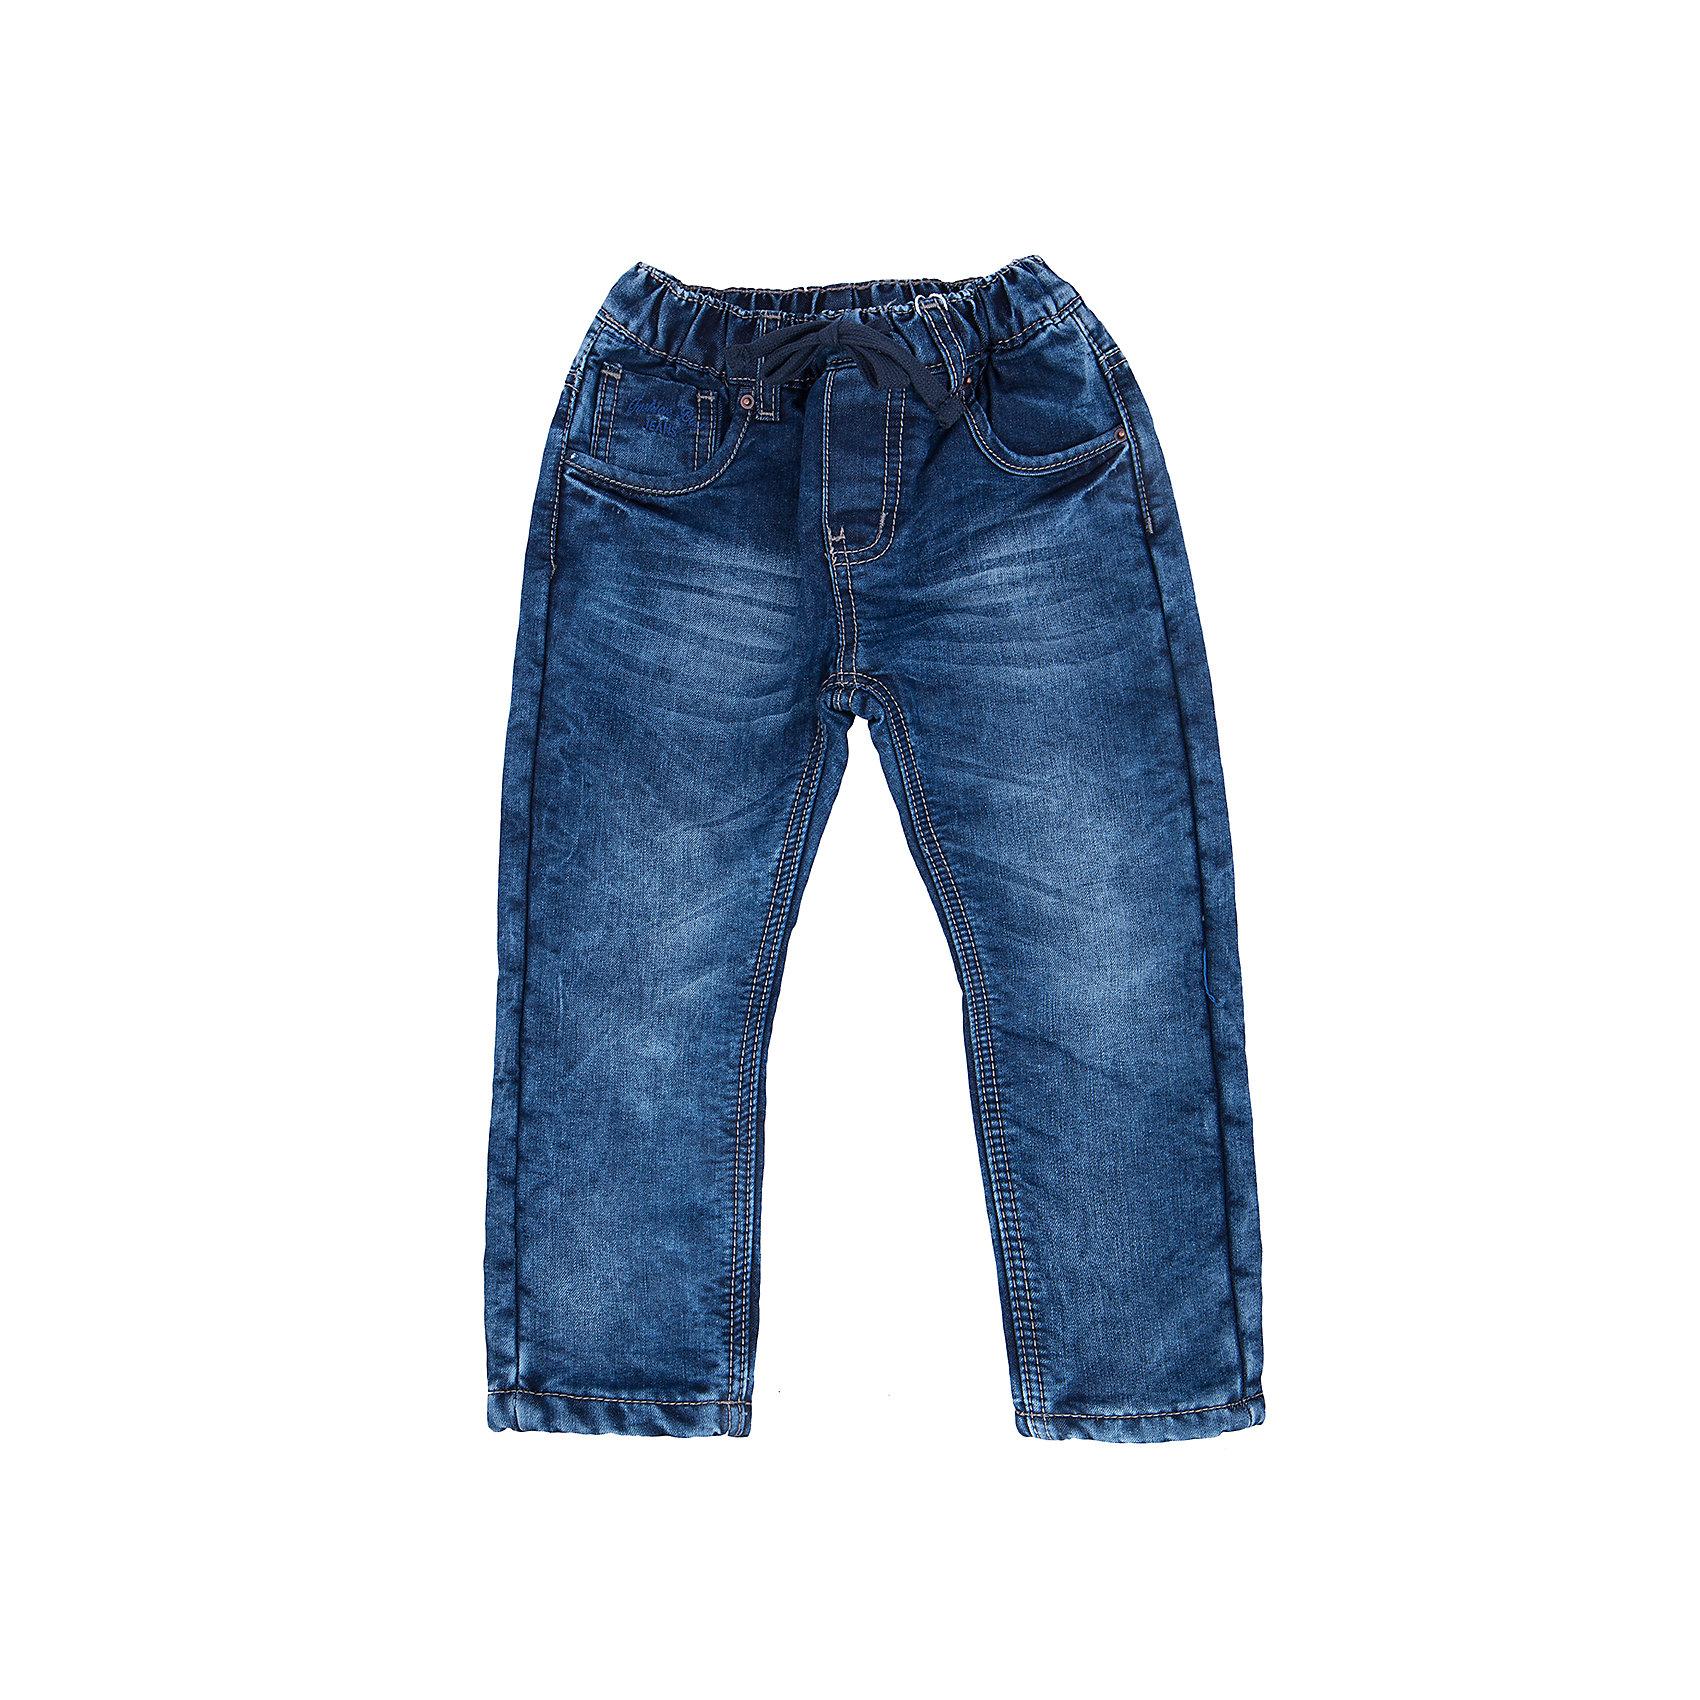 Джинсы для мальчика Sweet BerryДжинсы<br>Такая модель джинсов для мальчика отличается модным дизайном с контрастной прострочкой и потертостями. Удачный крой обеспечит ребенку комфорт и тепло. Мягкая и теплая подкладка делает вещь идеальной для прохладной погоды. Она плотно прилегает к телу там, где нужно, и отлично сидит по фигуре. Джинсы имеют удобный пояс с регулировкой внутри. Натуральный хлопок обеспечит коже возможность дышать и не вызовет аллергии.<br>Одежда от бренда Sweet Berry - это простой и выгодный способ одеть ребенка удобно и стильно. Всё изделия тщательно проработаны: швы - прочные, материал - качественный, фурнитура - подобранная специально для детей. <br><br>Дополнительная информация:<br><br>цвет: синий;<br>имитация потертостей;<br>материал: 100% хлопок, подкладка - 100% полиэстер (флис);<br>пояс с регулировкой внутри.<br><br>Джинсы для мальчика от бренда Sweet Berry можно купить в нашем интернет-магазине.<br><br>Ширина мм: 215<br>Глубина мм: 88<br>Высота мм: 191<br>Вес г: 336<br>Цвет: синий<br>Возраст от месяцев: 24<br>Возраст до месяцев: 36<br>Пол: Мужской<br>Возраст: Детский<br>Размер: 98,116,128,122,104,110<br>SKU: 4930683